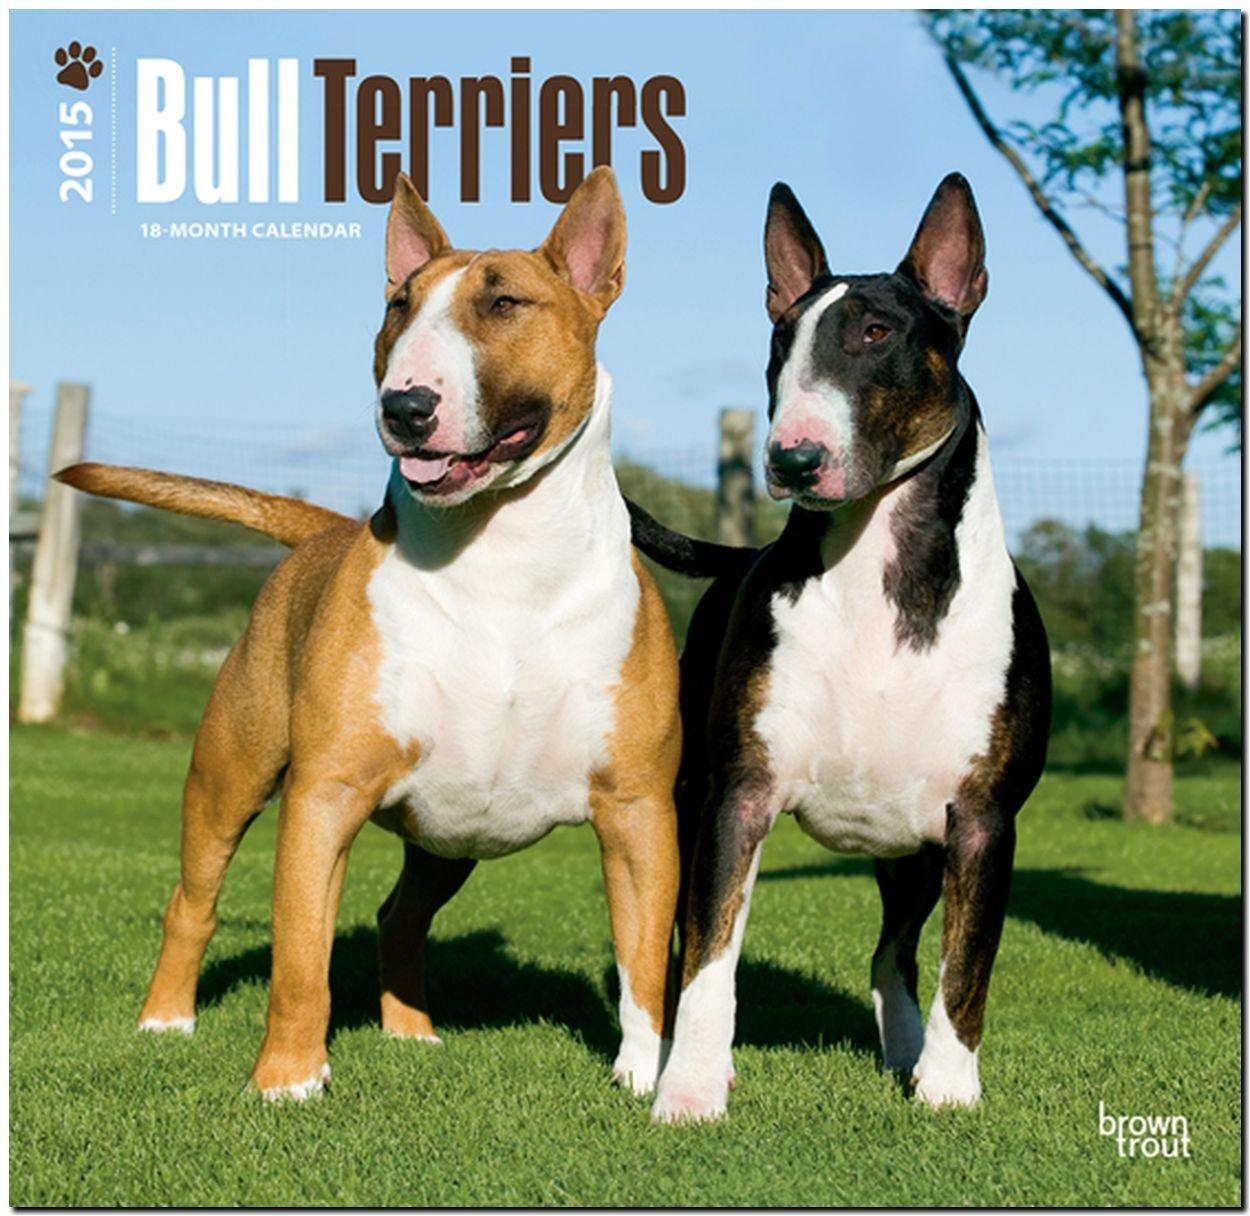 Bull Terriers 2015 - Bull Terrier